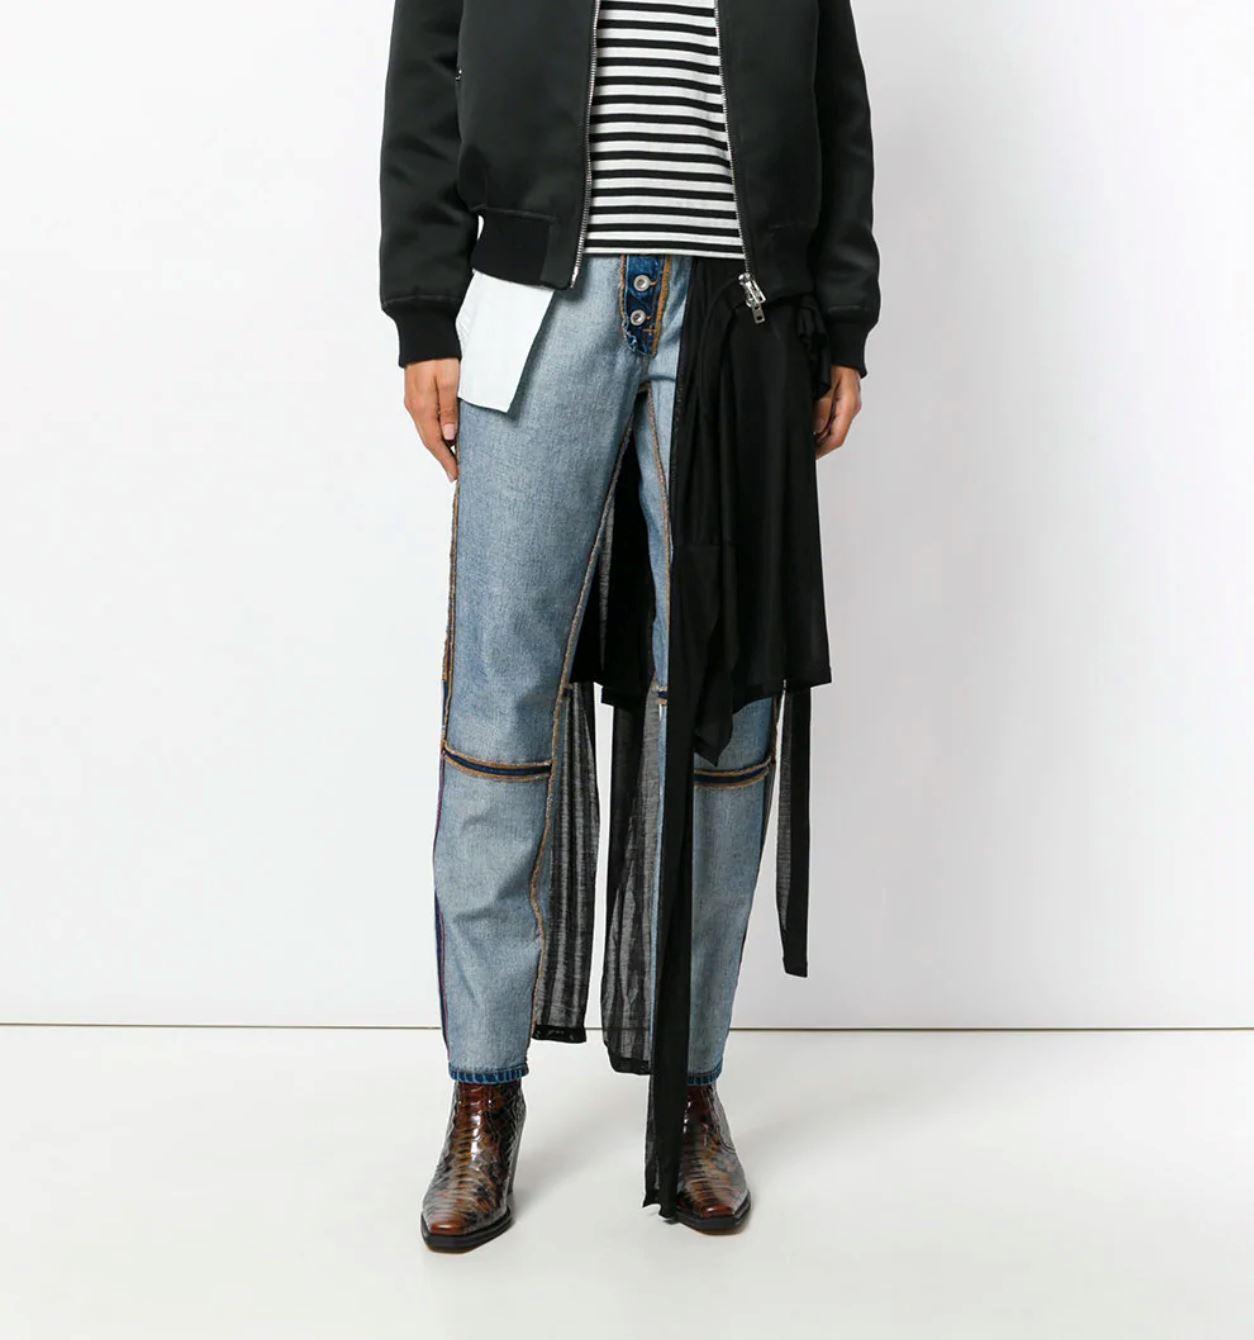 design jeans terbalik ini jual pada harga rm1800. ada yang nak beli?